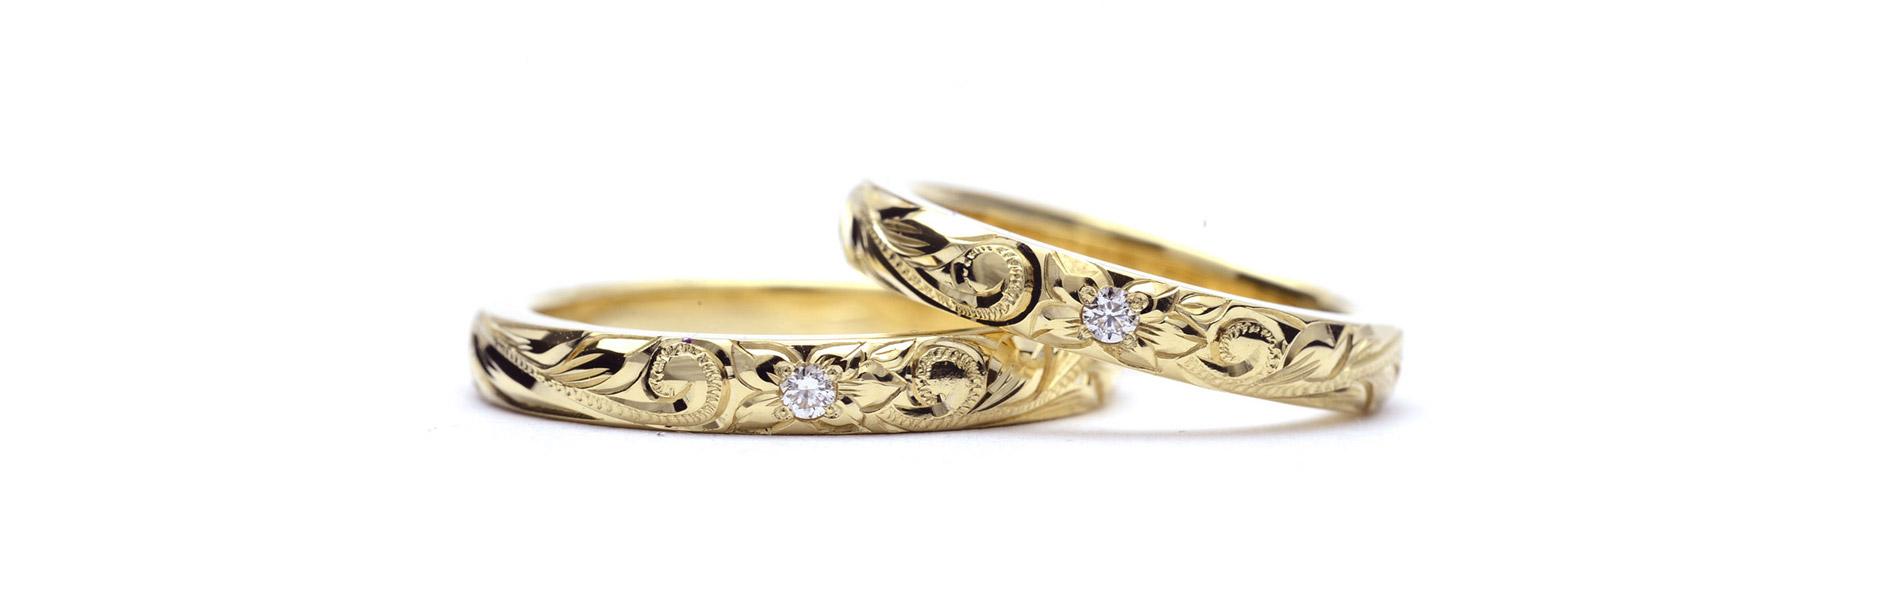 ウェリアナ ハワイアンジュエリーimage結婚指輪3mm